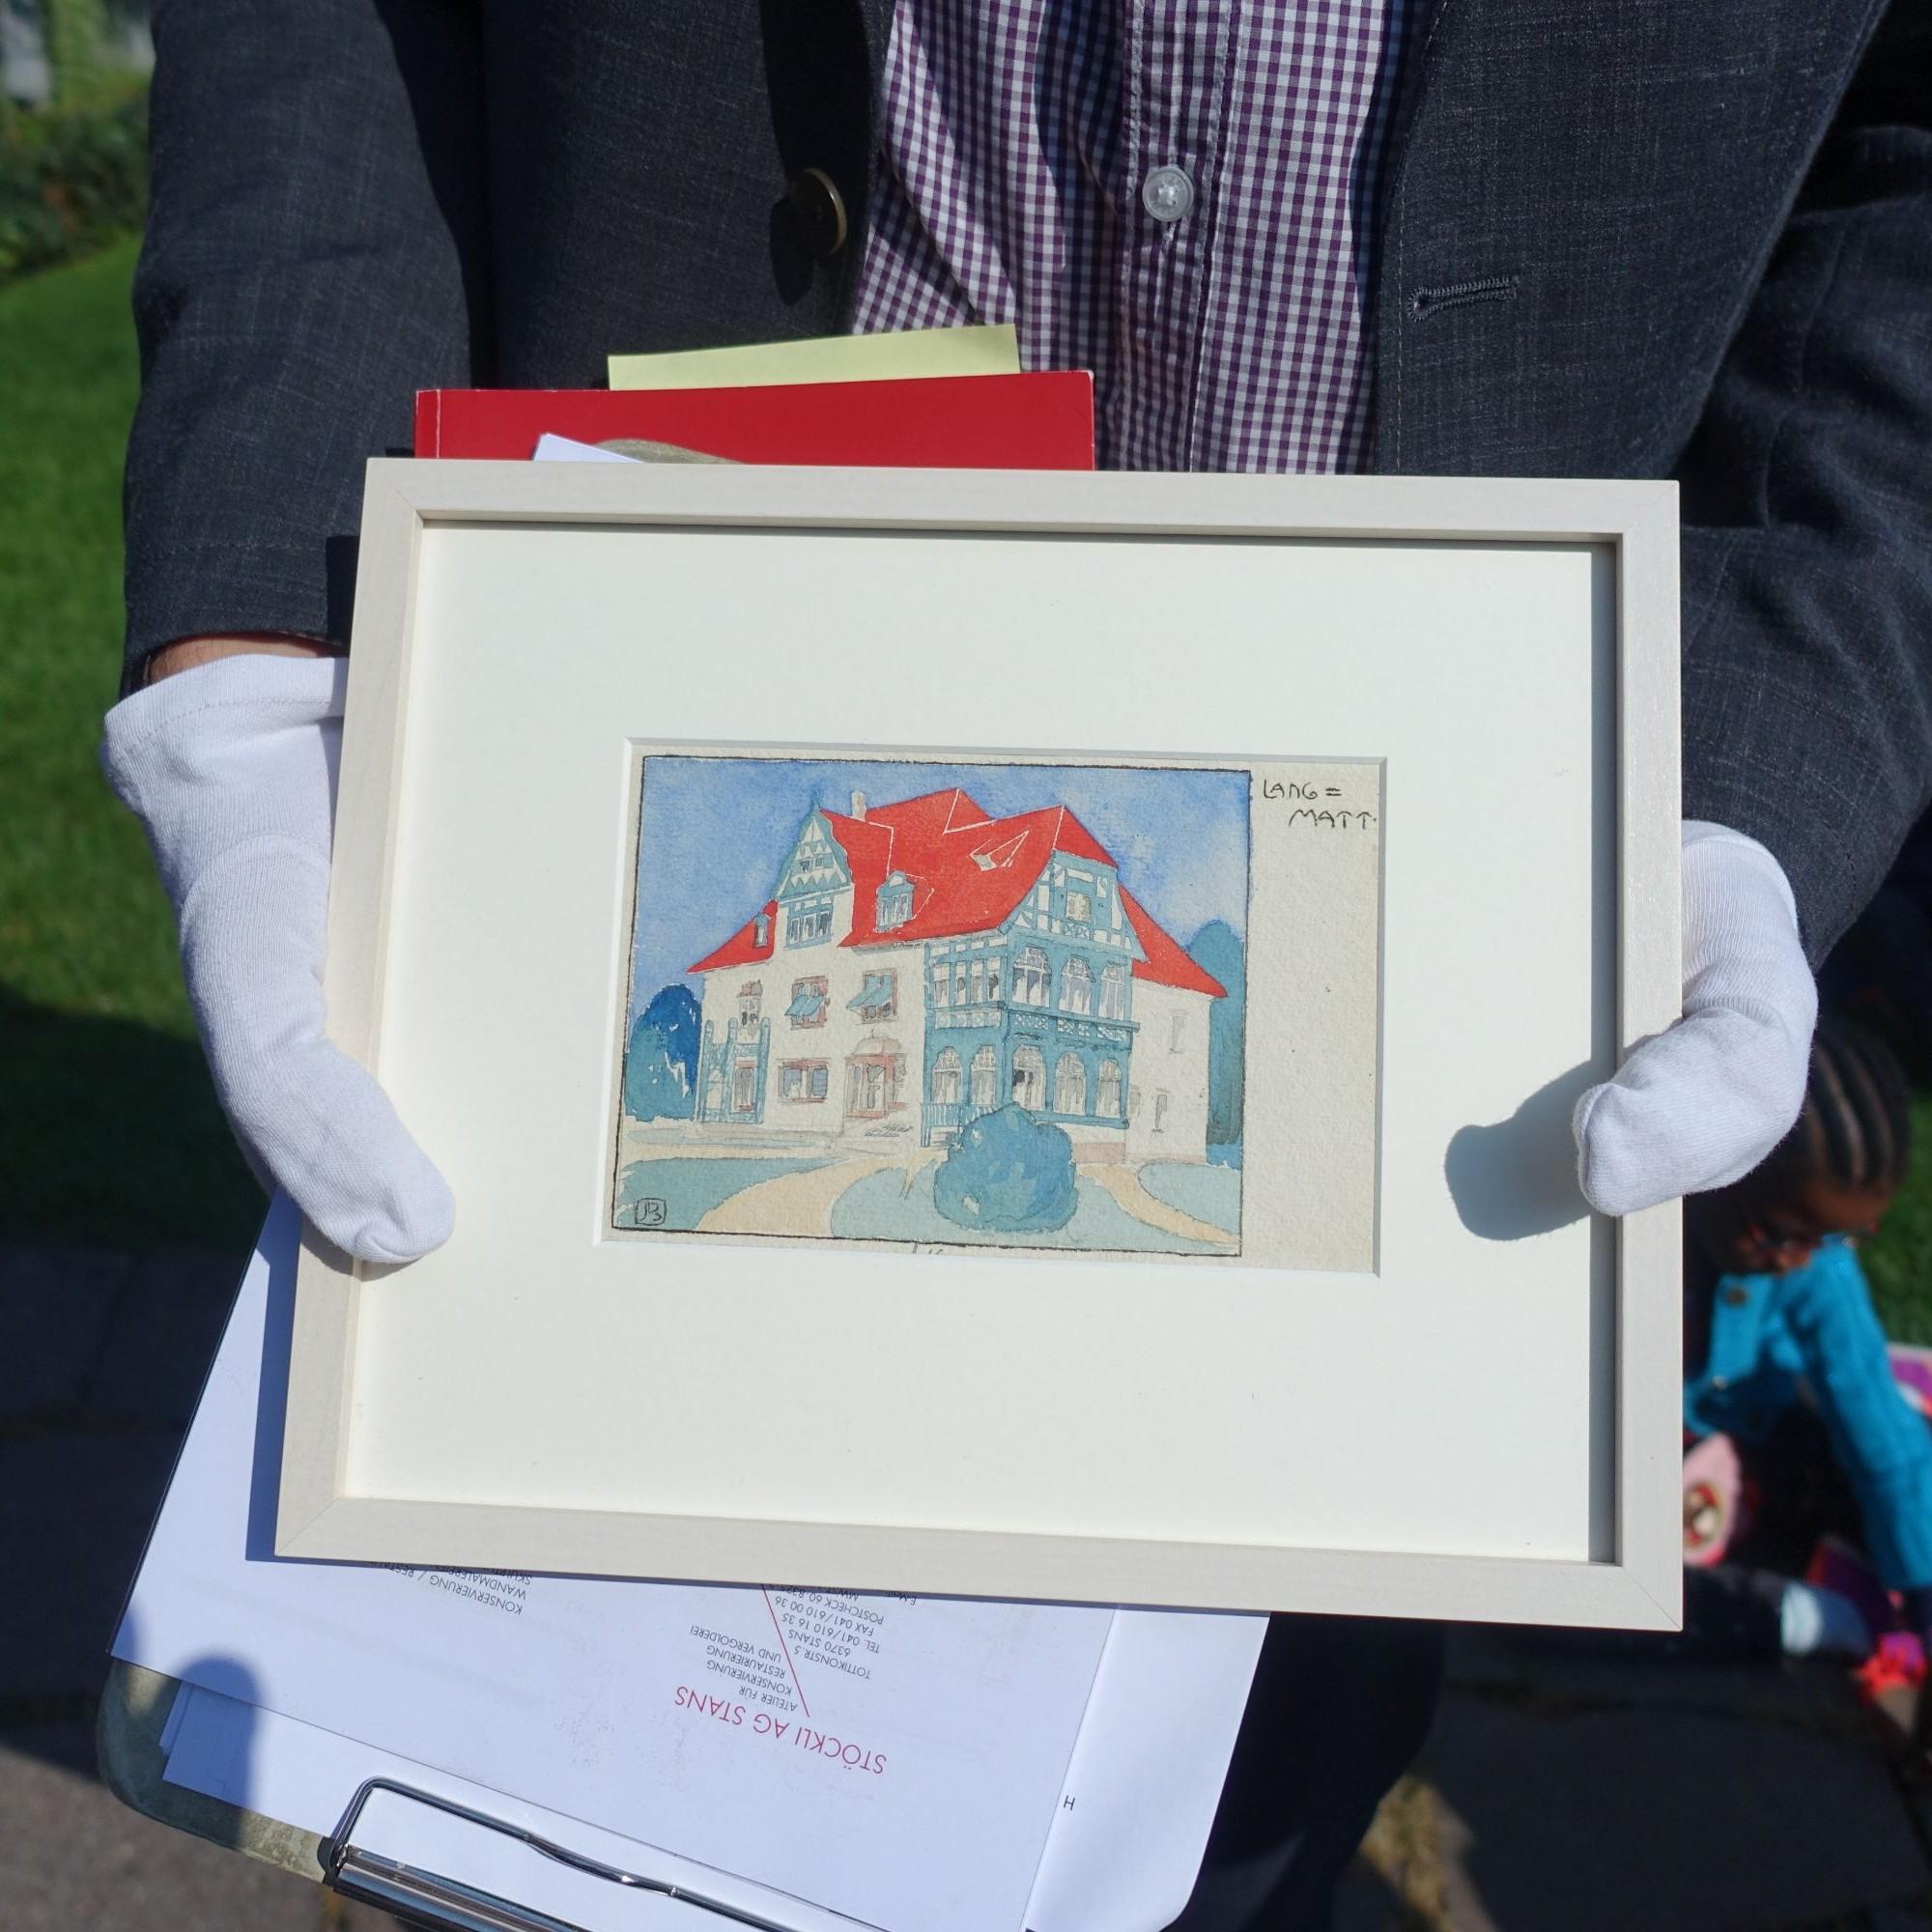 Ein Aquarell der Bauherrin belegt die Farbgebung des Hauses zur Ursprungszeit. Daran wird man sich bei der Restaurierung orientieren.